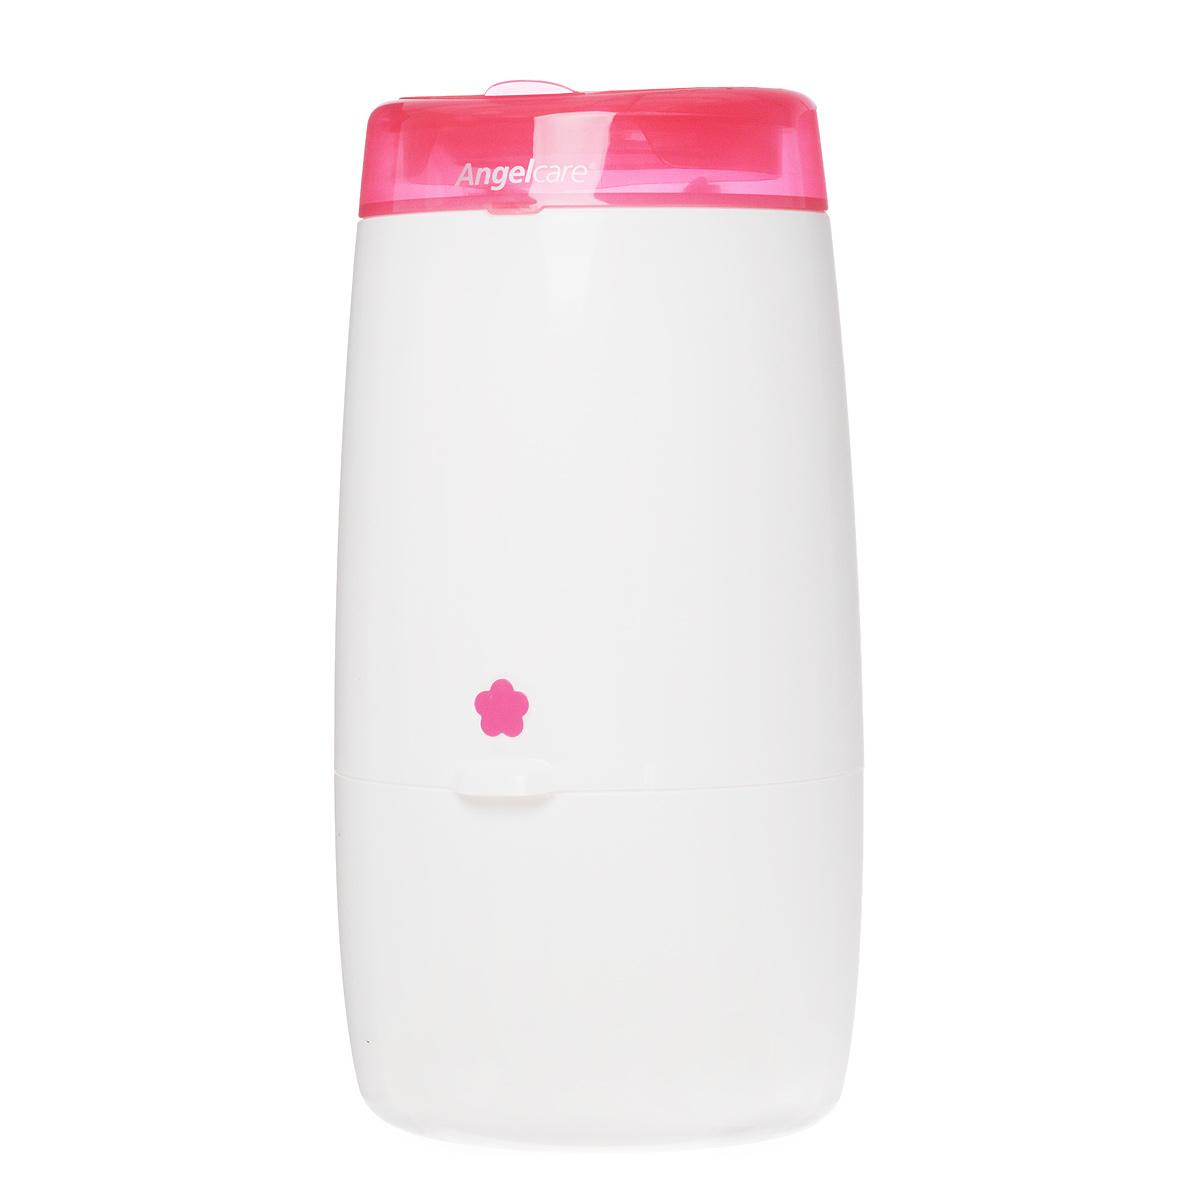 Накопитель для утилизации подгузников Angelcare Mini, цвет: белый, розовыйAD-MINI-EU-PK